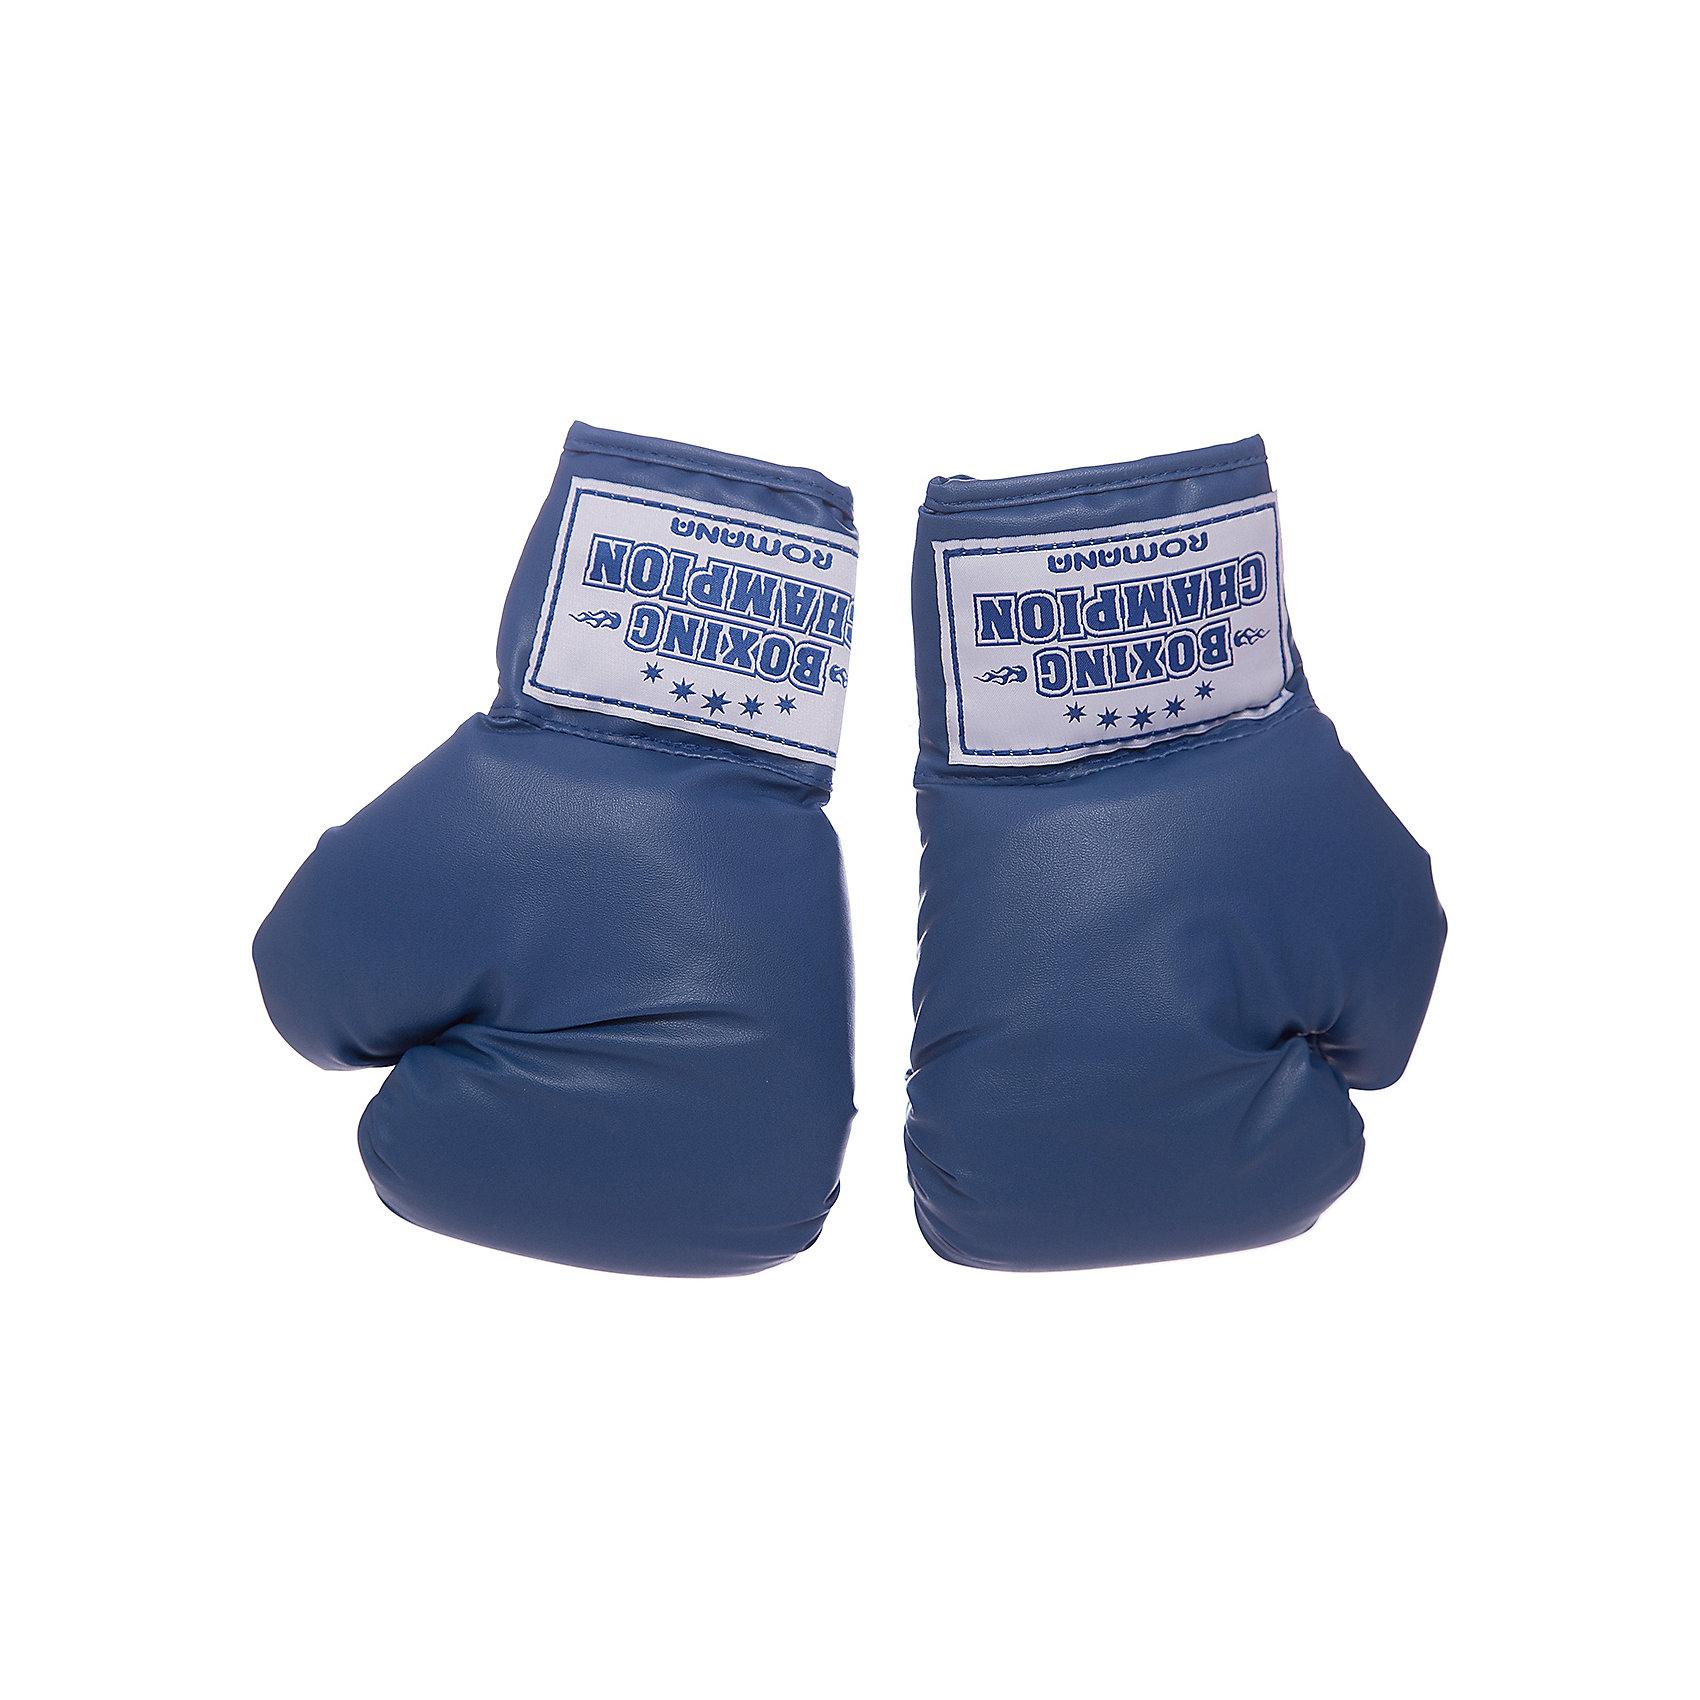 Боксерские перчатки для детей 10-12 лет, ROMANAИнвентарь для бокса<br>Боксерские перчатки – незаменимый аксессуар при занятии боксом. Бокс – спорт, который научит малыша уверенной координации, подарит крепкие мышцы и разовьет отличную физическую форму. Данная модель предназначена как дополнительный элемент к детскому домашнему спортивному комплексу для занятий боксом. Перчатки легко очищаются даже от самых сложных загрязнений. Материалы, использованные при изготовлении изделия, абсолютно безопасны для детей и отвечают всем международным требованиям по качеству. <br><br>Дополнительная информация: <br><br>цвет: синий;<br>возраст: 10 - 12 лет;<br>вес: 274 г;<br>габариты: 26 х 15 х 9 см;<br>материал: искусственная кожа.<br><br>Детские боксерские перчатки от компании ROMANA можно приобрести в нашем магазине.<br><br>Ширина мм: 500<br>Глубина мм: 350<br>Высота мм: 200<br>Вес г: 0<br>Возраст от месяцев: 120<br>Возраст до месяцев: 144<br>Пол: Унисекс<br>Возраст: Детский<br>SKU: 4993359